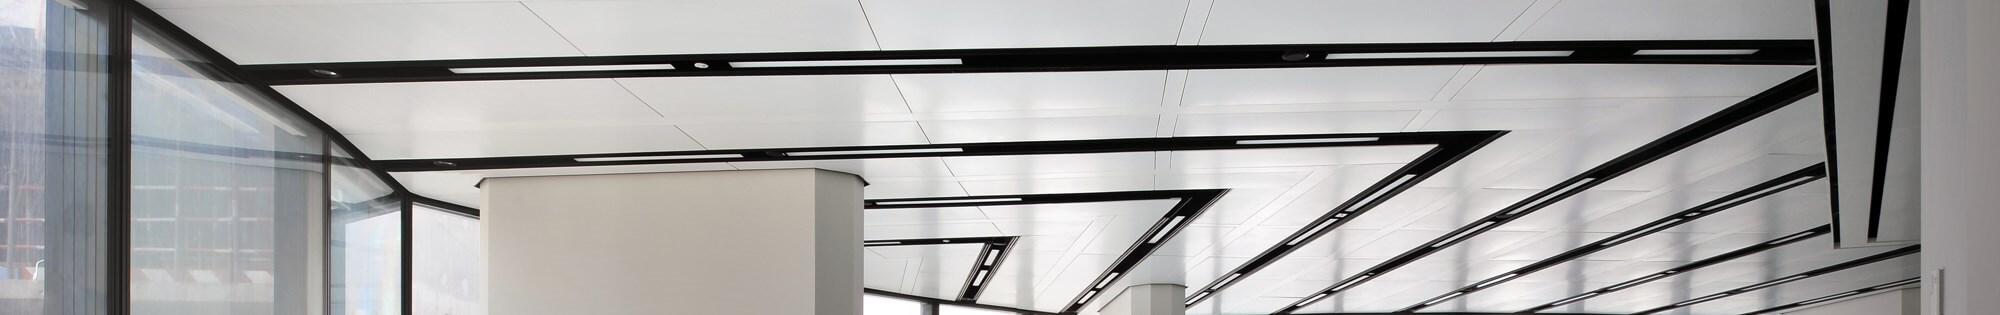 ceilings-330-18-1.jpg